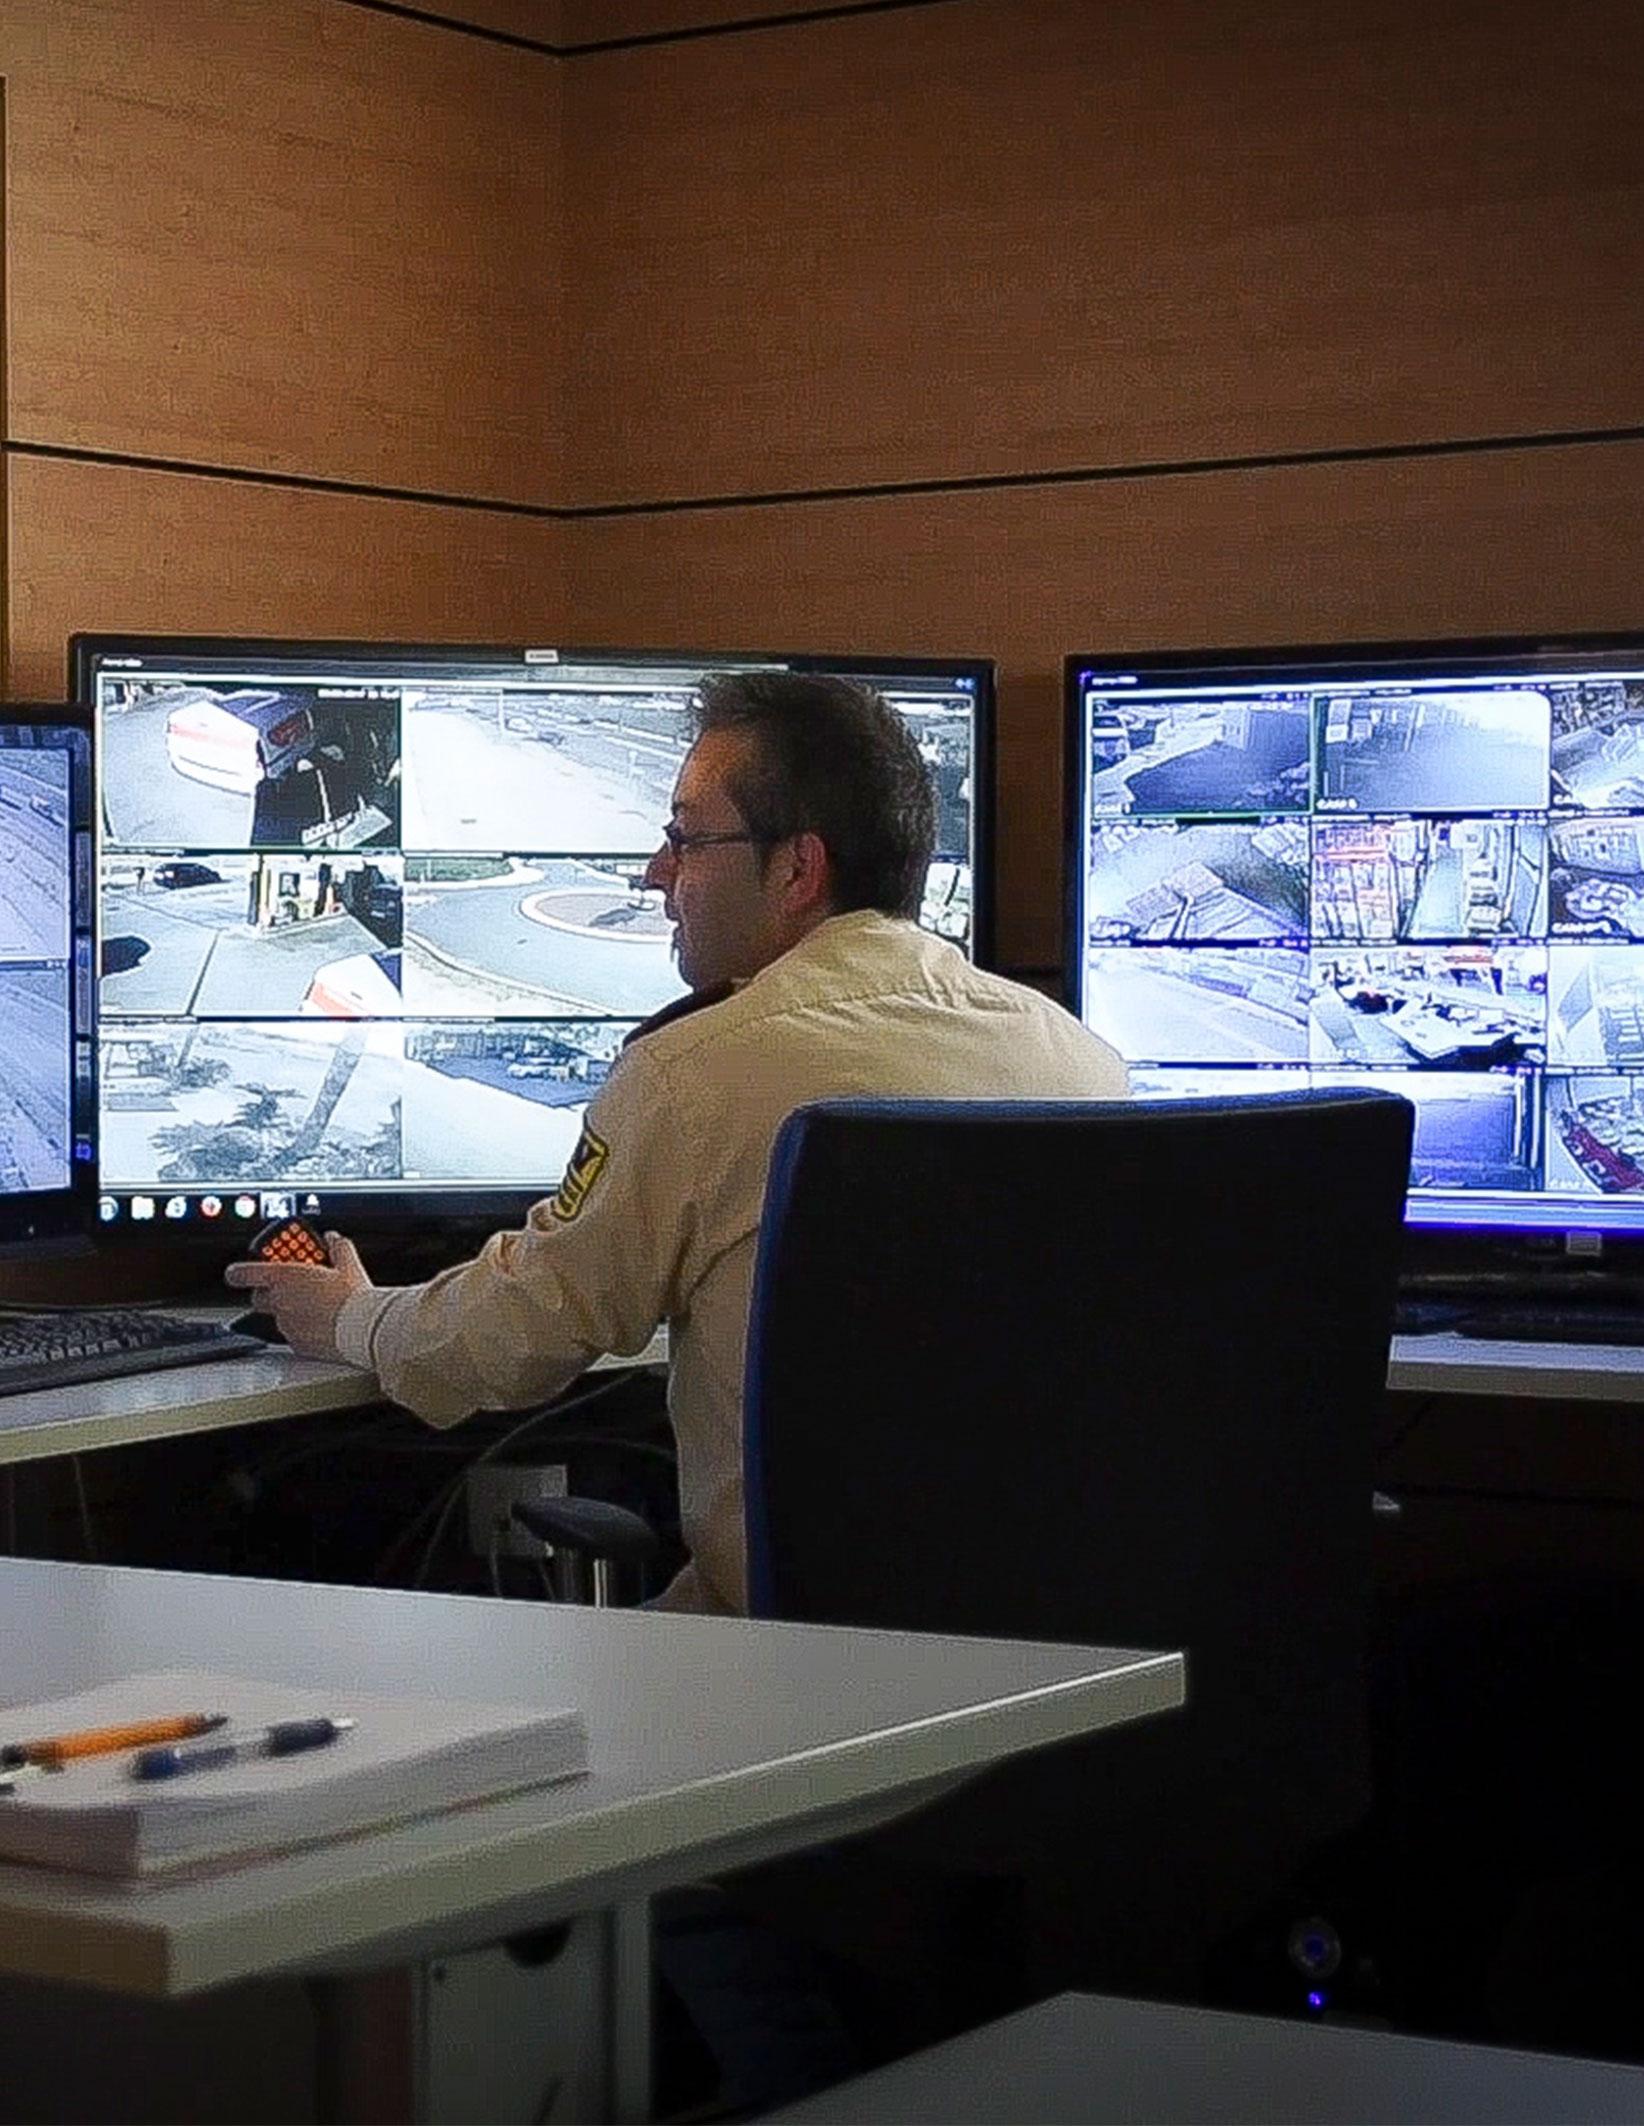 Centro de coordinación de seguridad Wincontrol